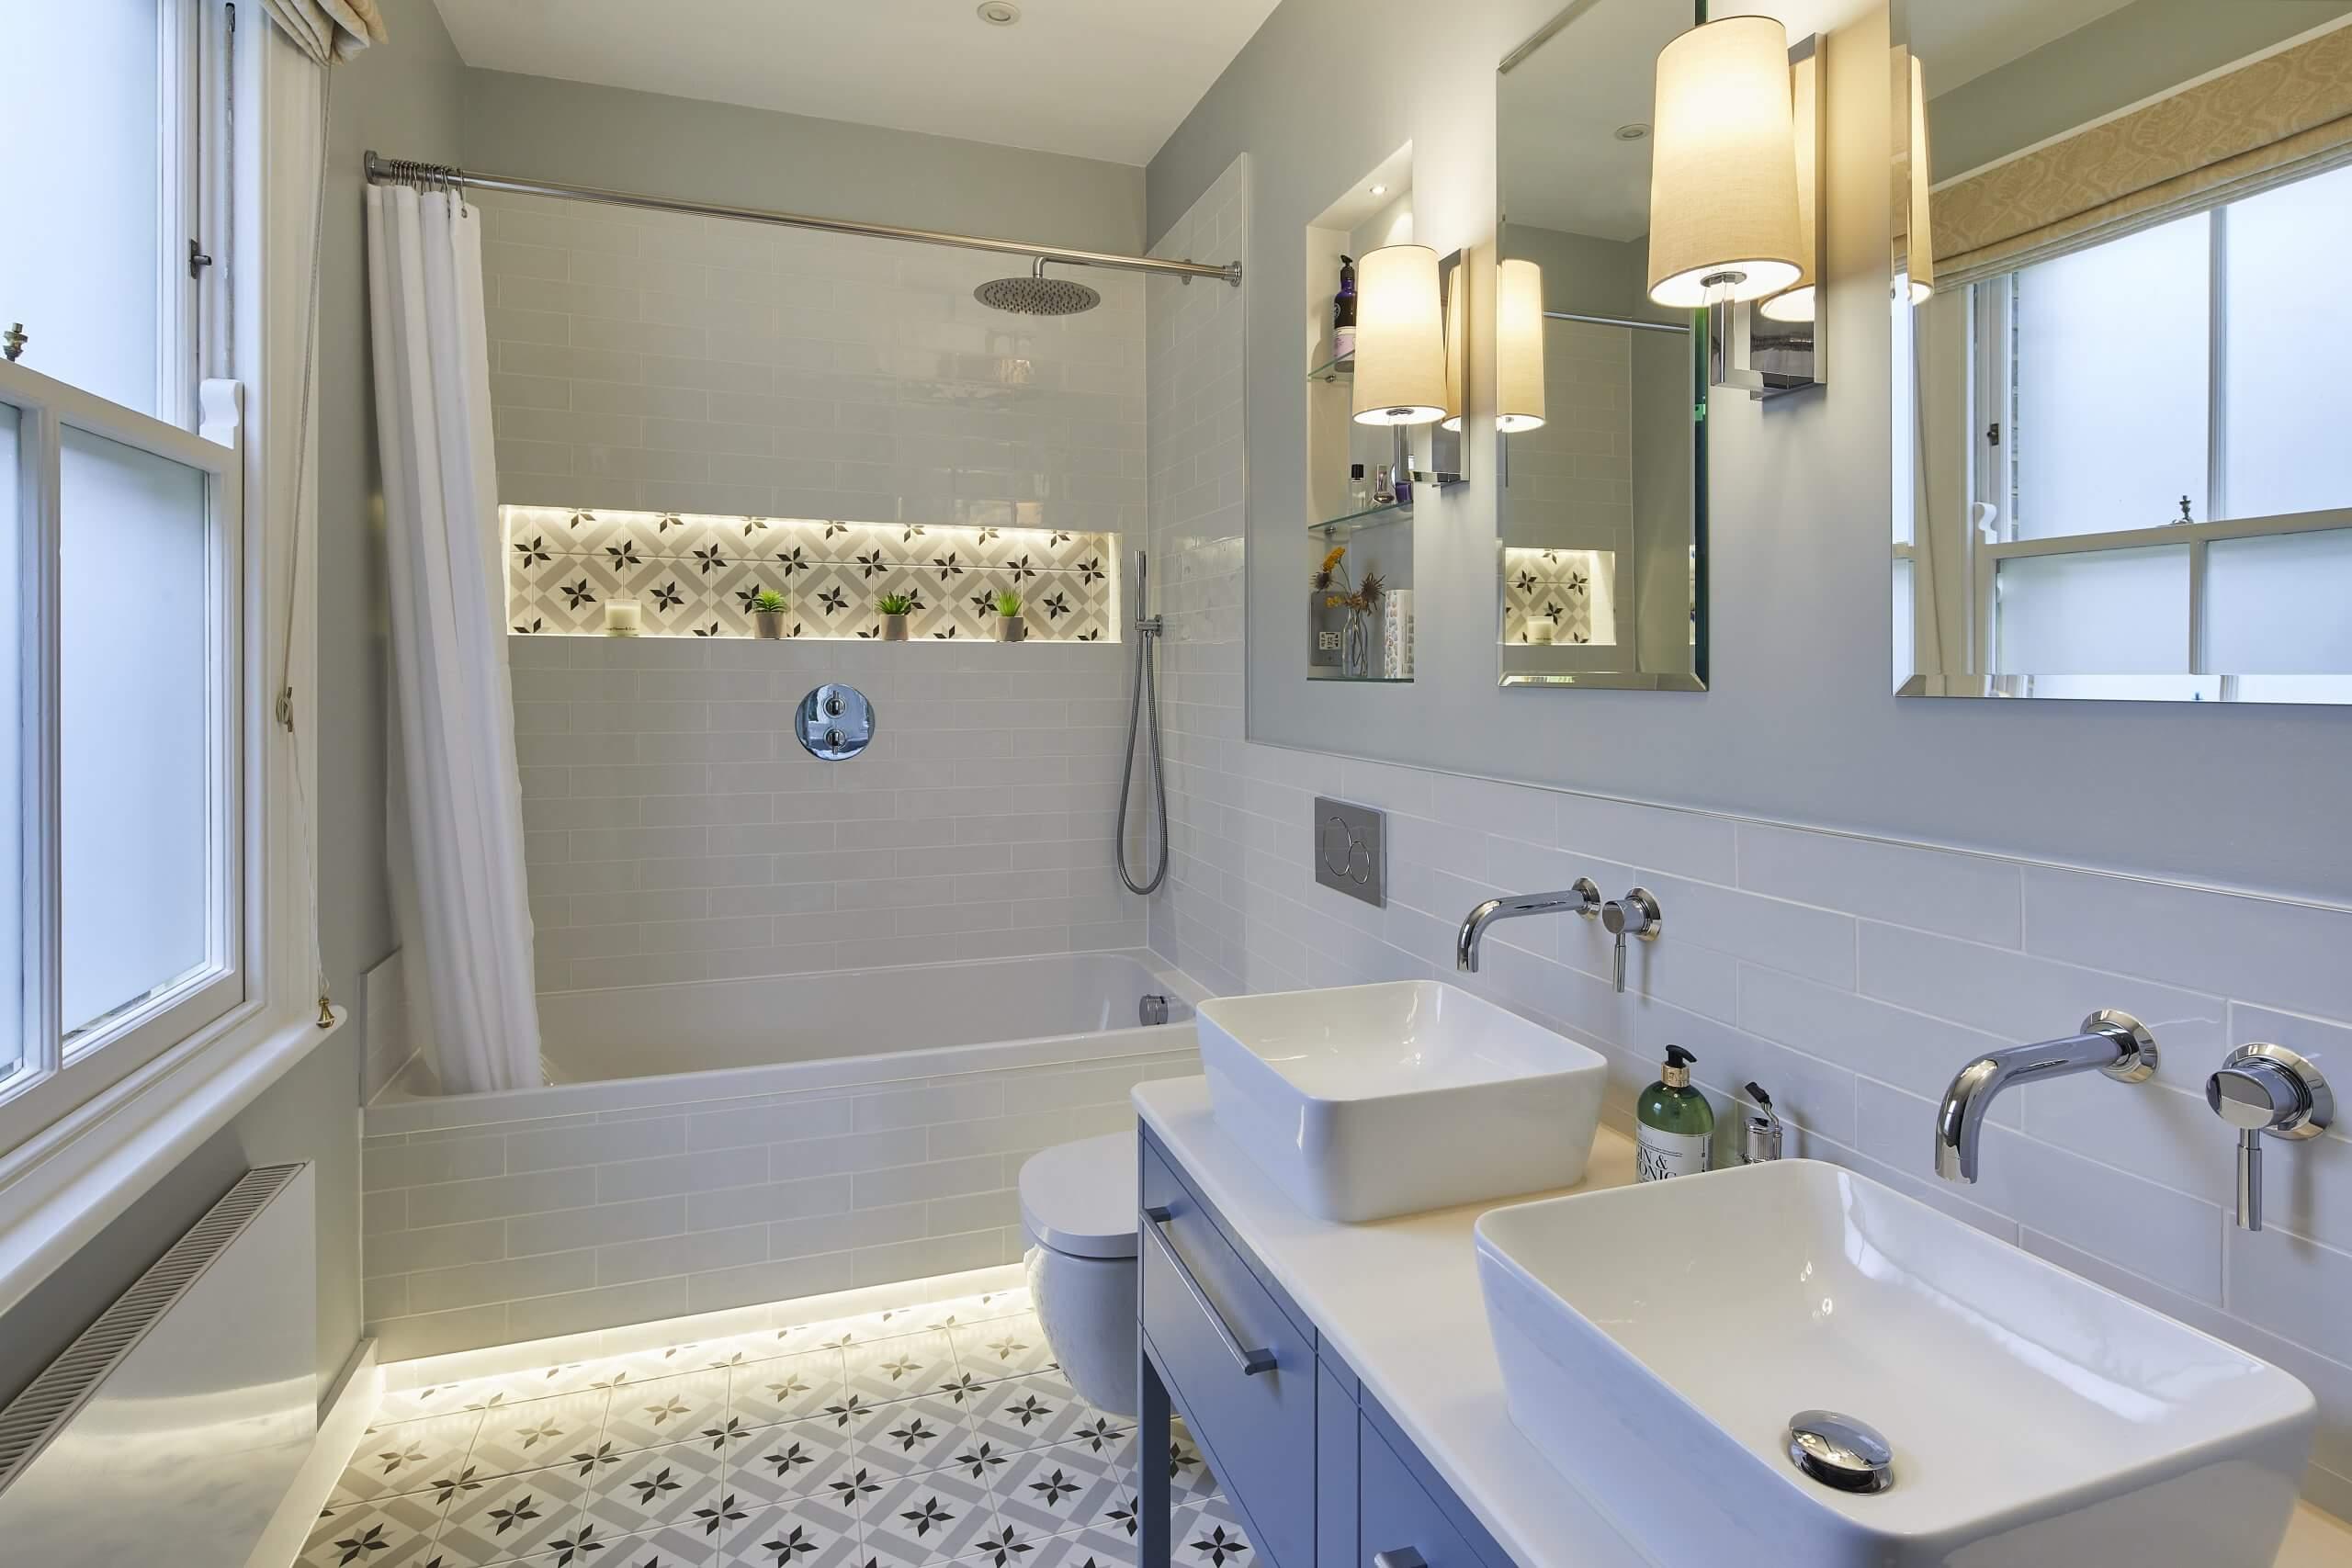 Bathroom Eleven - Patterned tiles tiles